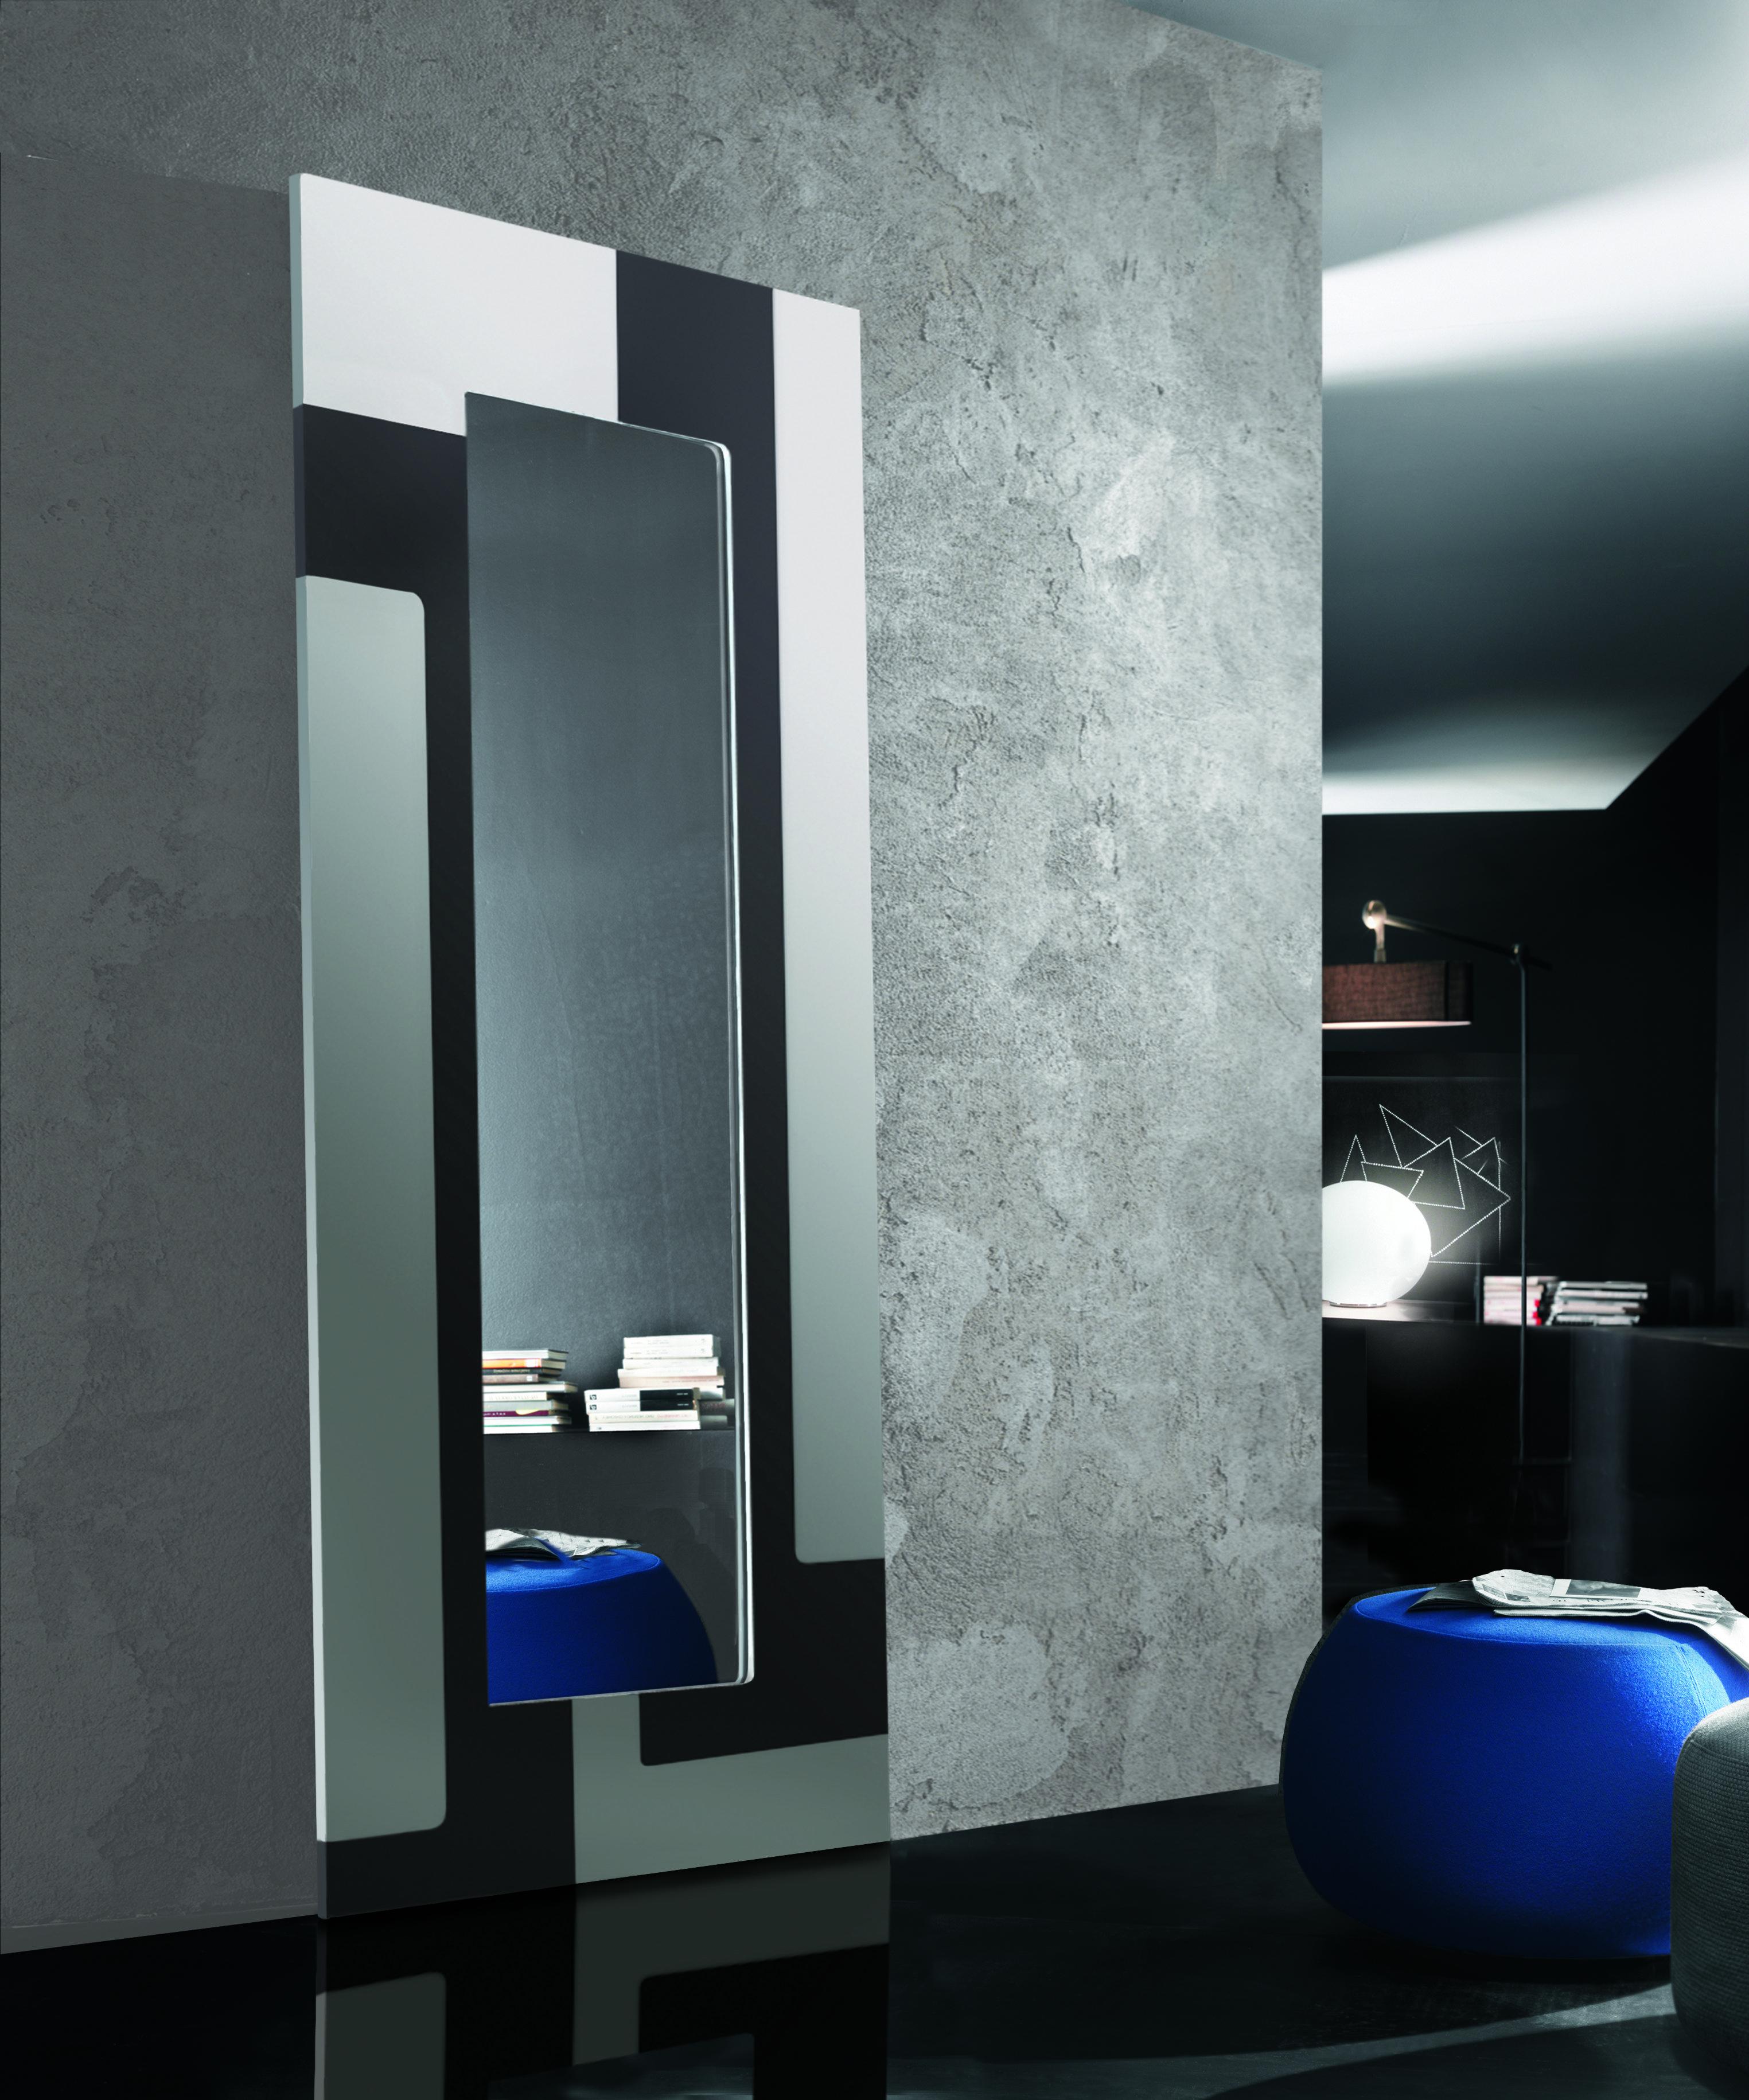 Specchio d arredo specchi complementi darredo vanitosi - Specchio d arredo ...